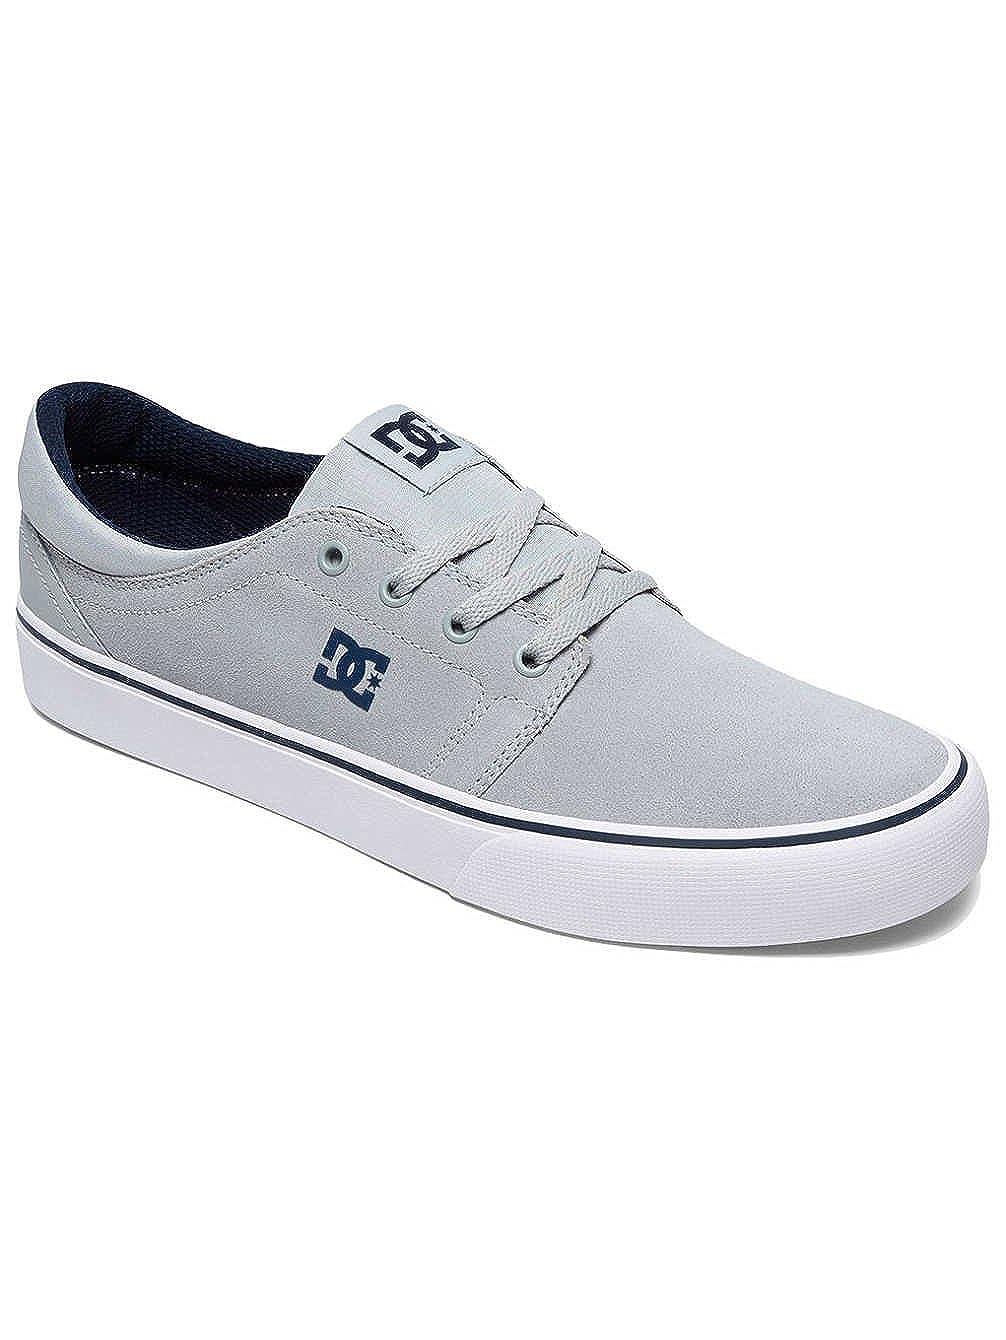 gris DC chaussures - Pure - baskets Basses - Garçon 39 EU